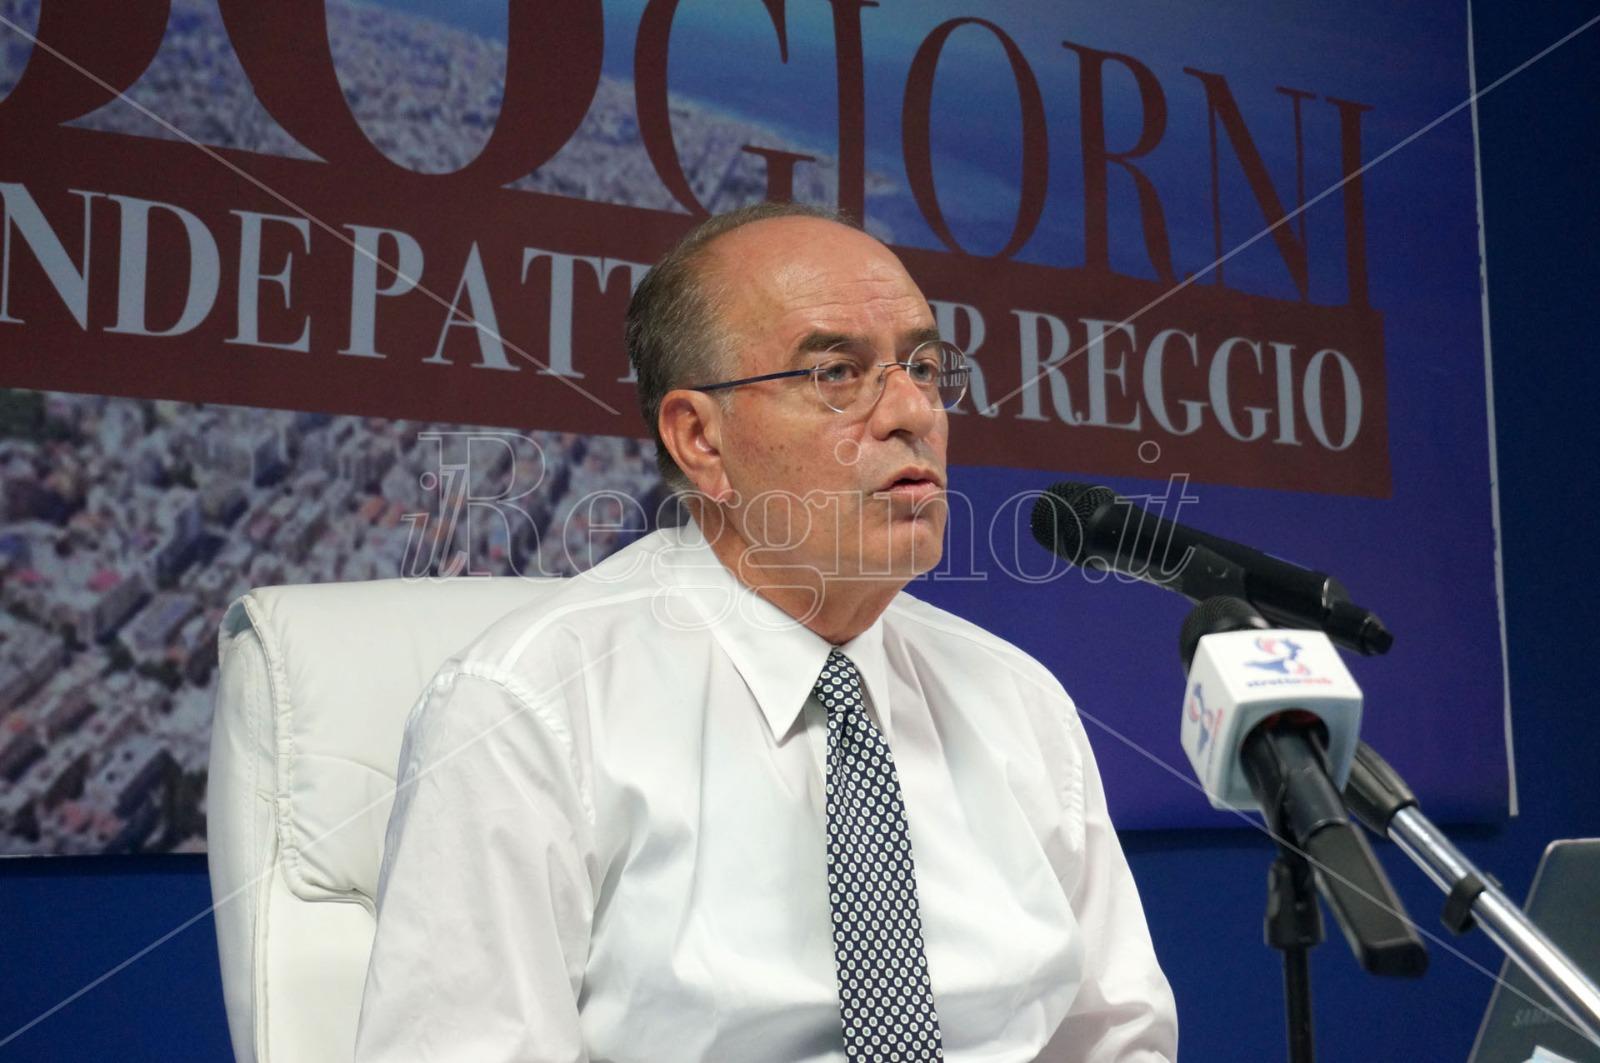 Elezioni Reggio, Minicuci: «La rinascita di Reggio passa anche dai valori sociali e cattolici»